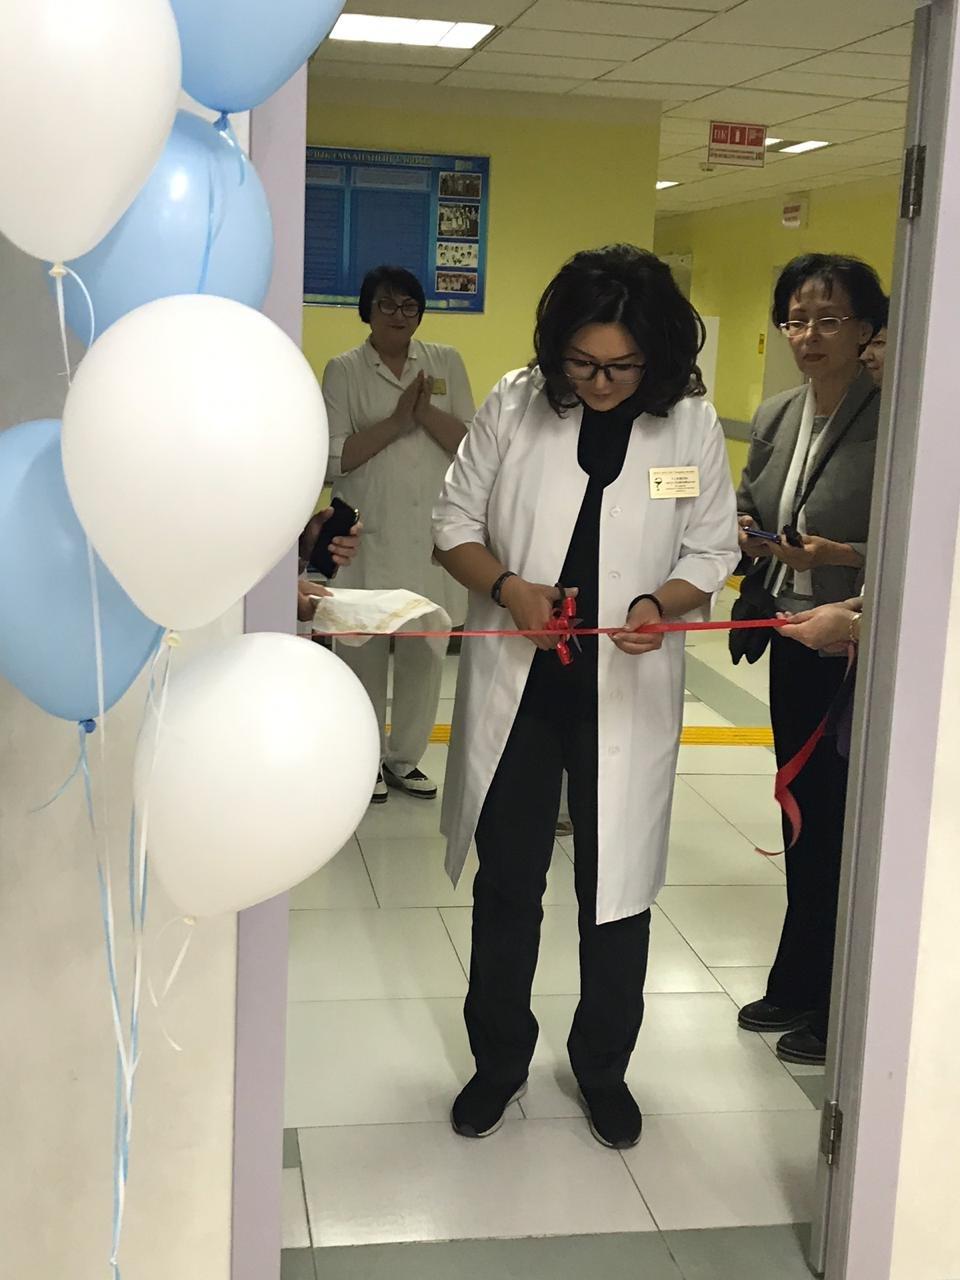 В поликлинике Алматы создали ситуационный центр, фото-4